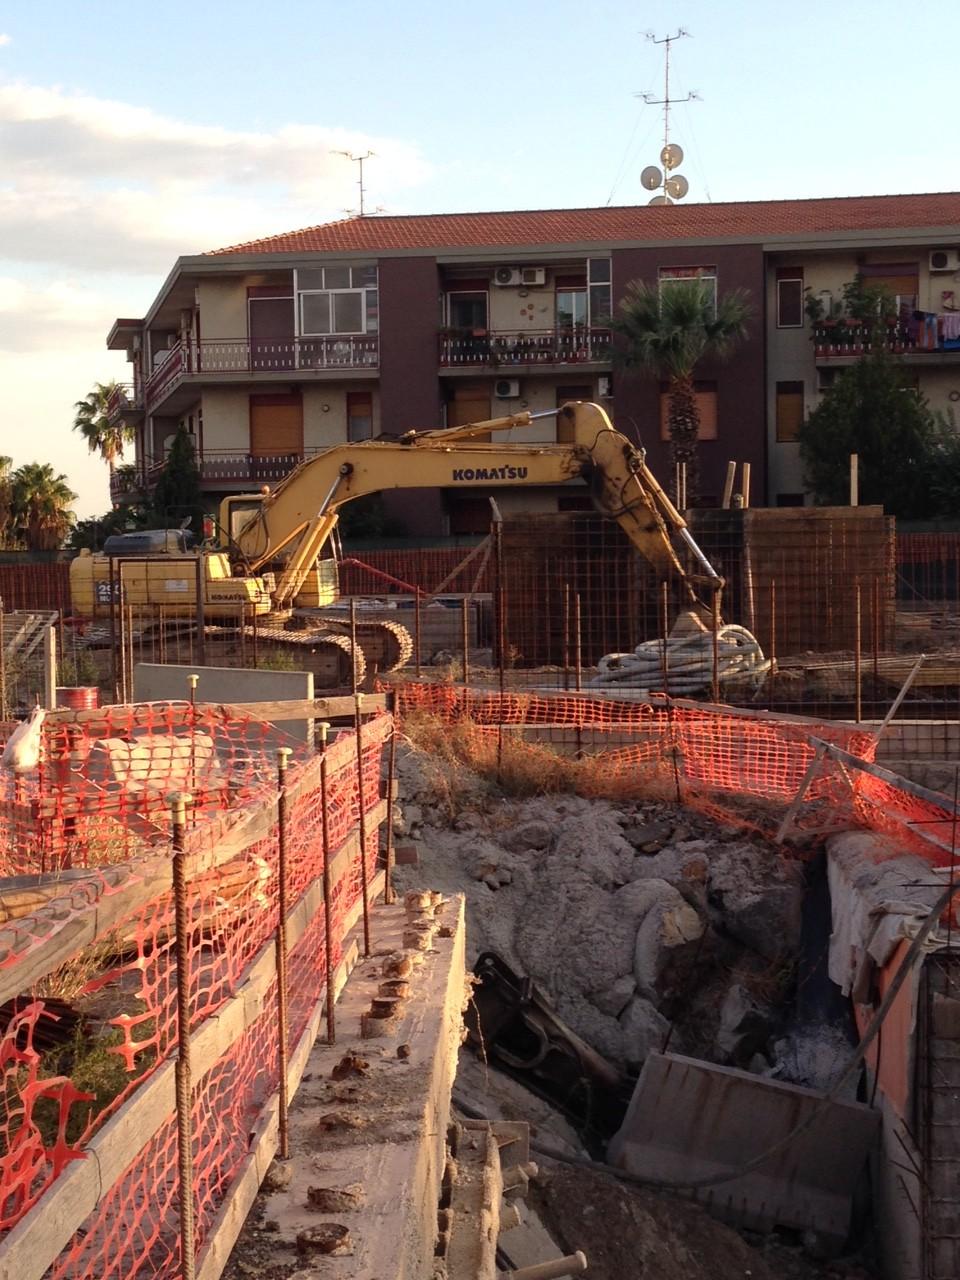 Particolare: l'escavatore utilizzato nella parte superficiale del cantiere.